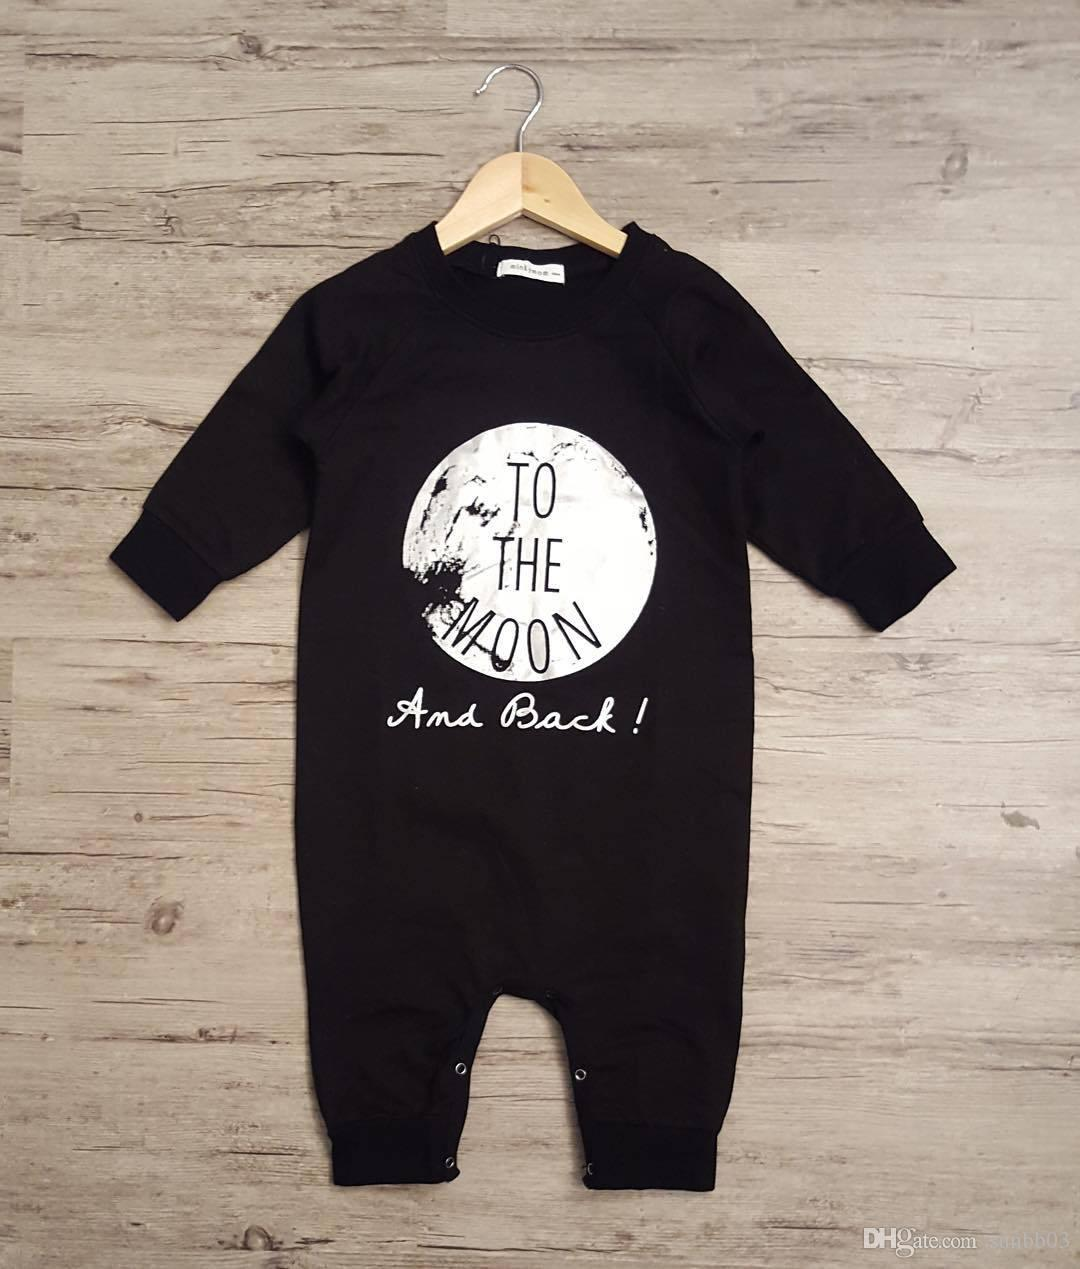 Новый ребенок с длинным рукавом хлопок Письмо печати не спать на Луну Детская одежда Детские цельный комбинезон Детская одежда мальчиков комбинезон Комбинезон